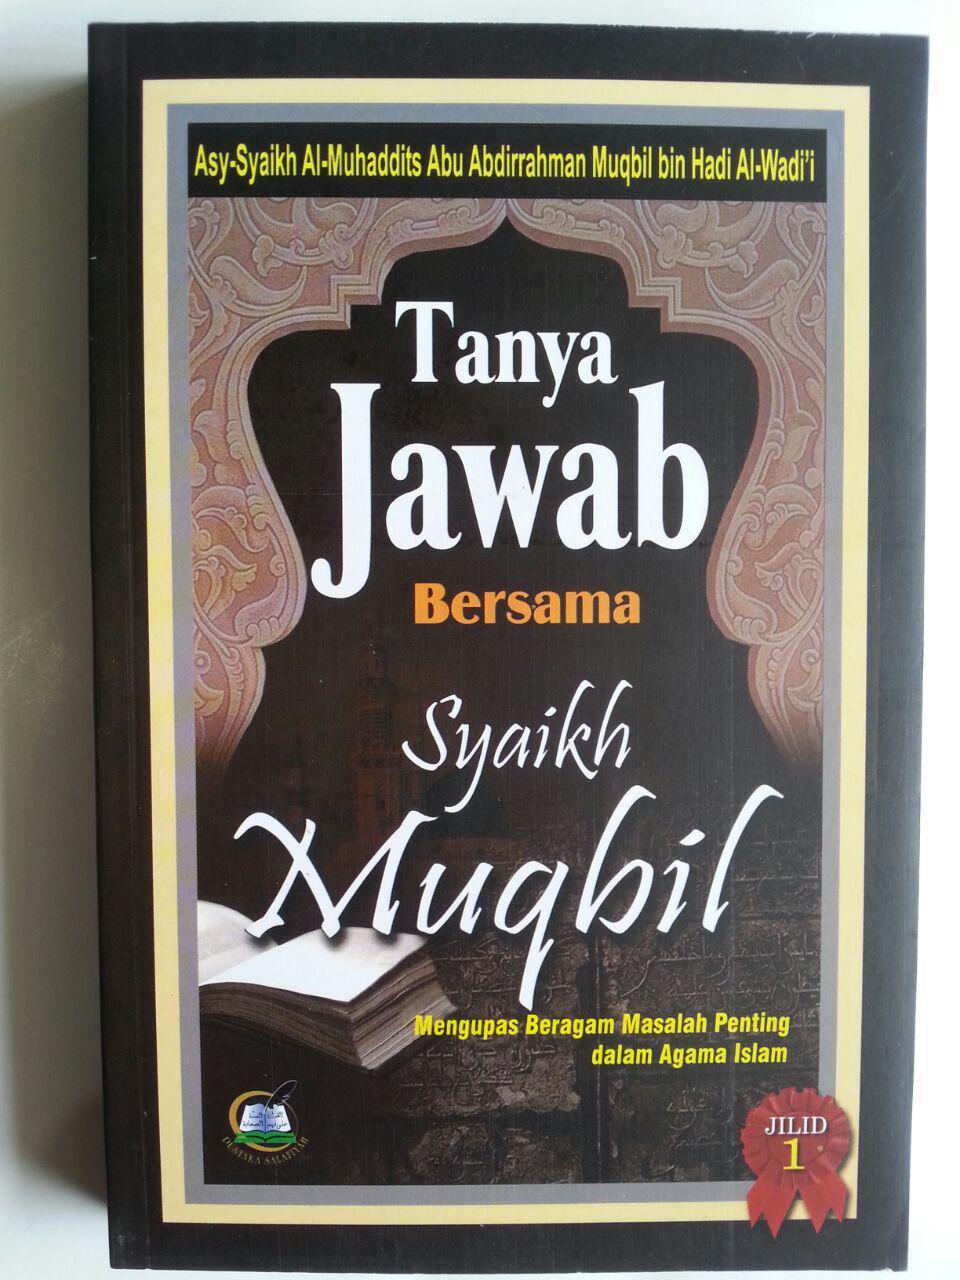 Buku Tanya Jawab Bersama Syaikh Muqbil Set 2 Jilid cover 3